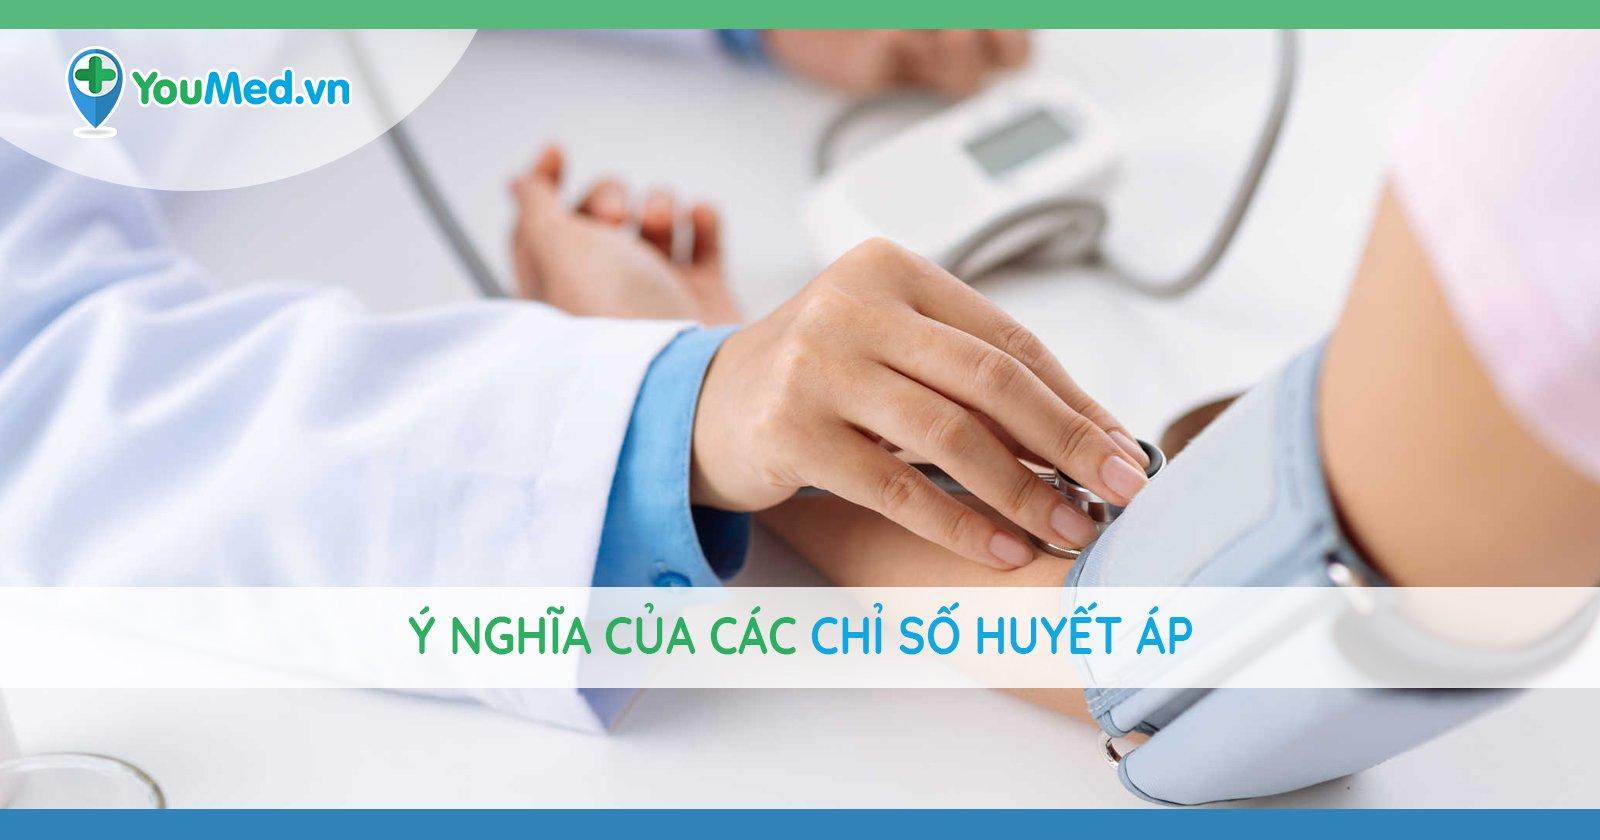 Ý nghĩa của các chỉ số huyết áp